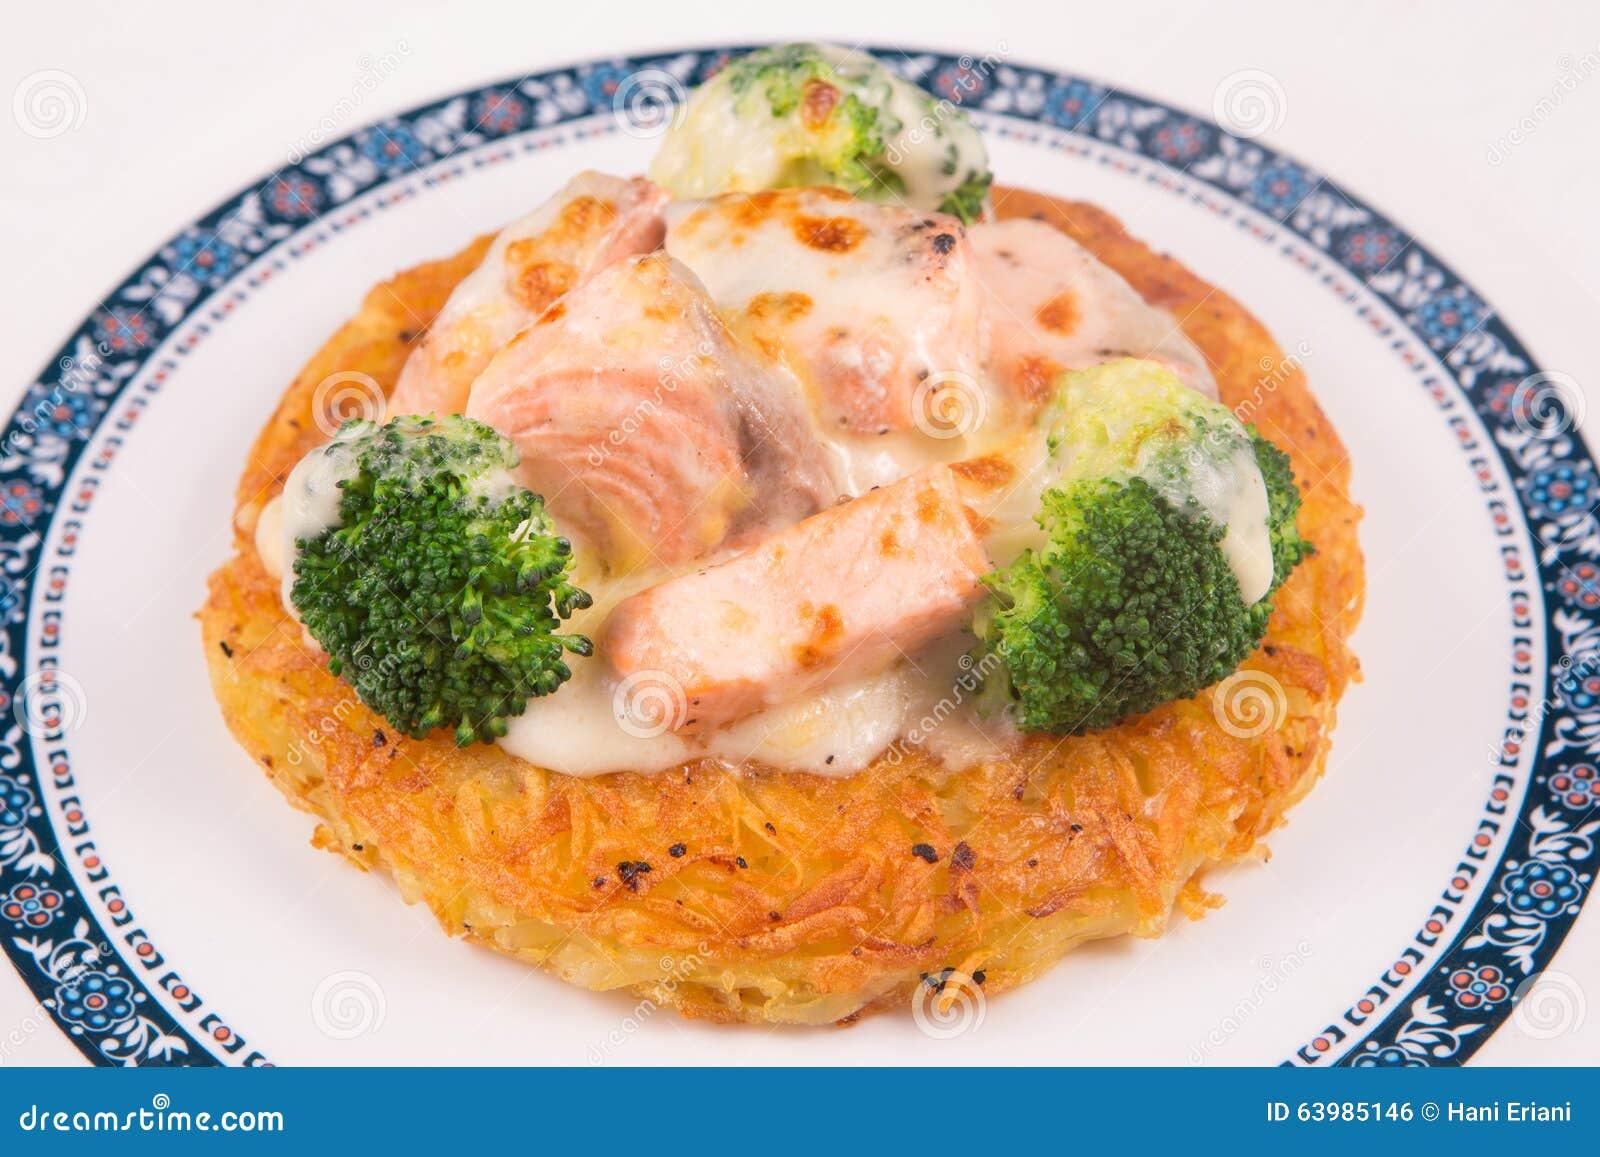 maple salmon baked salmon ii salmon shioyaki salmon croquettes rosti ...